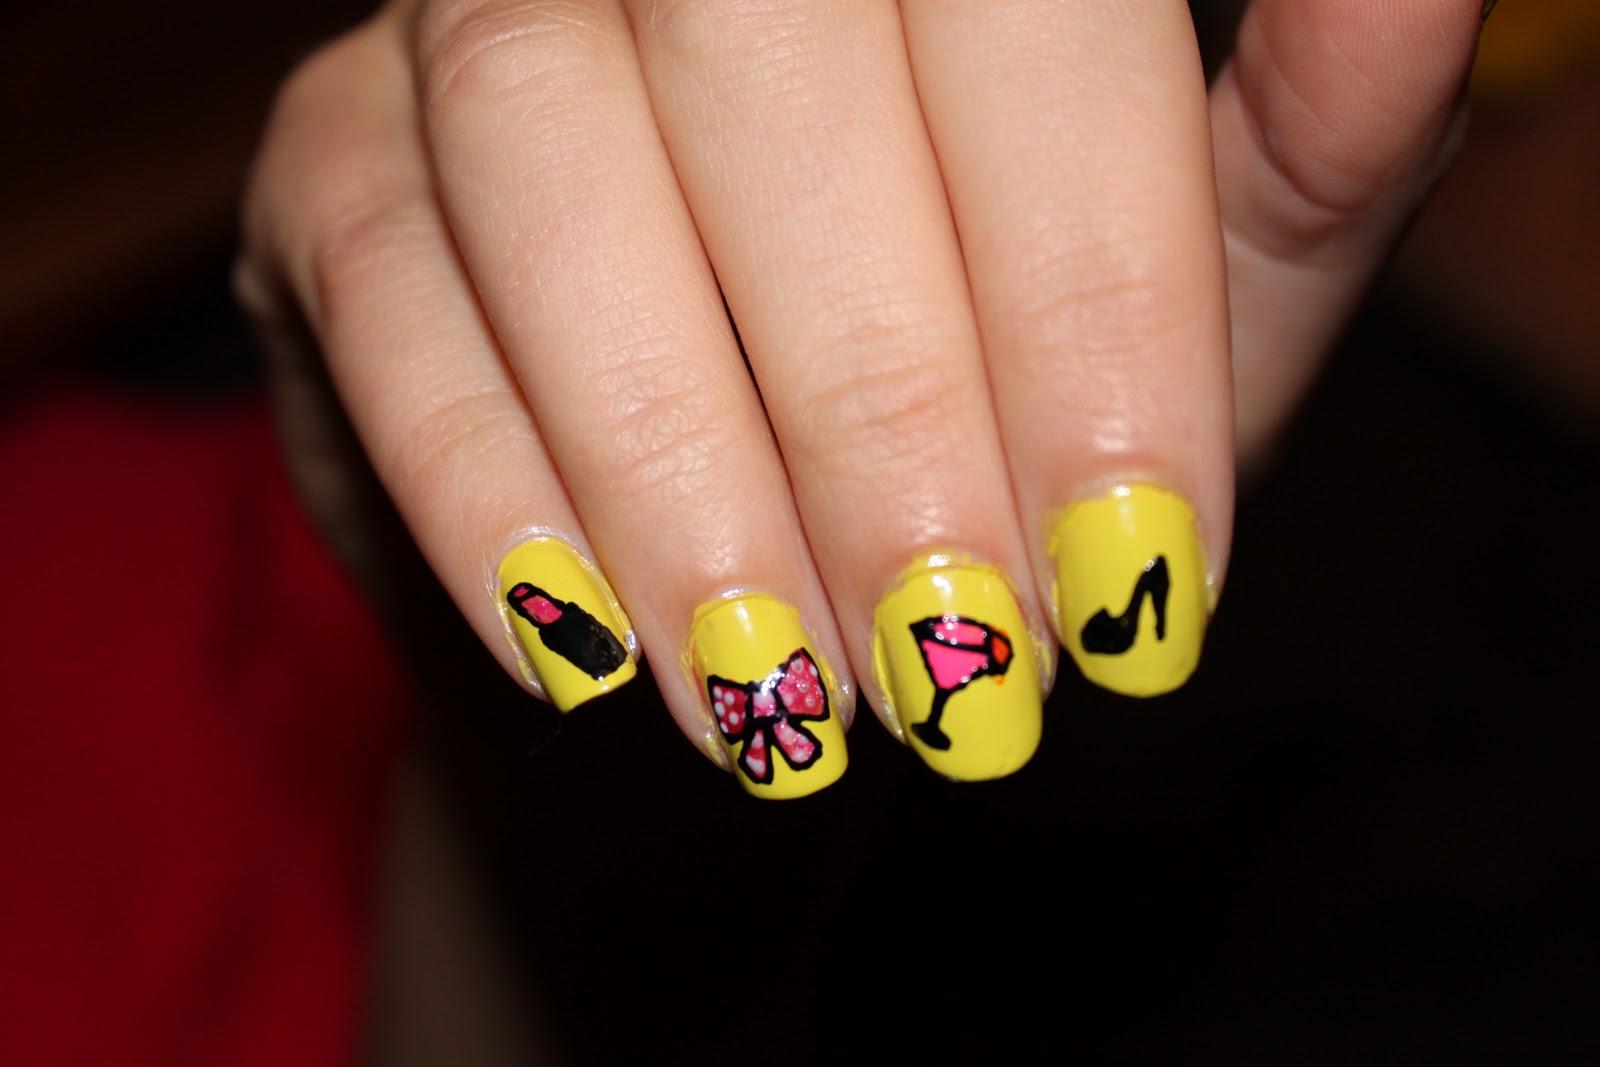 Girly Nail Designs - Nail Art